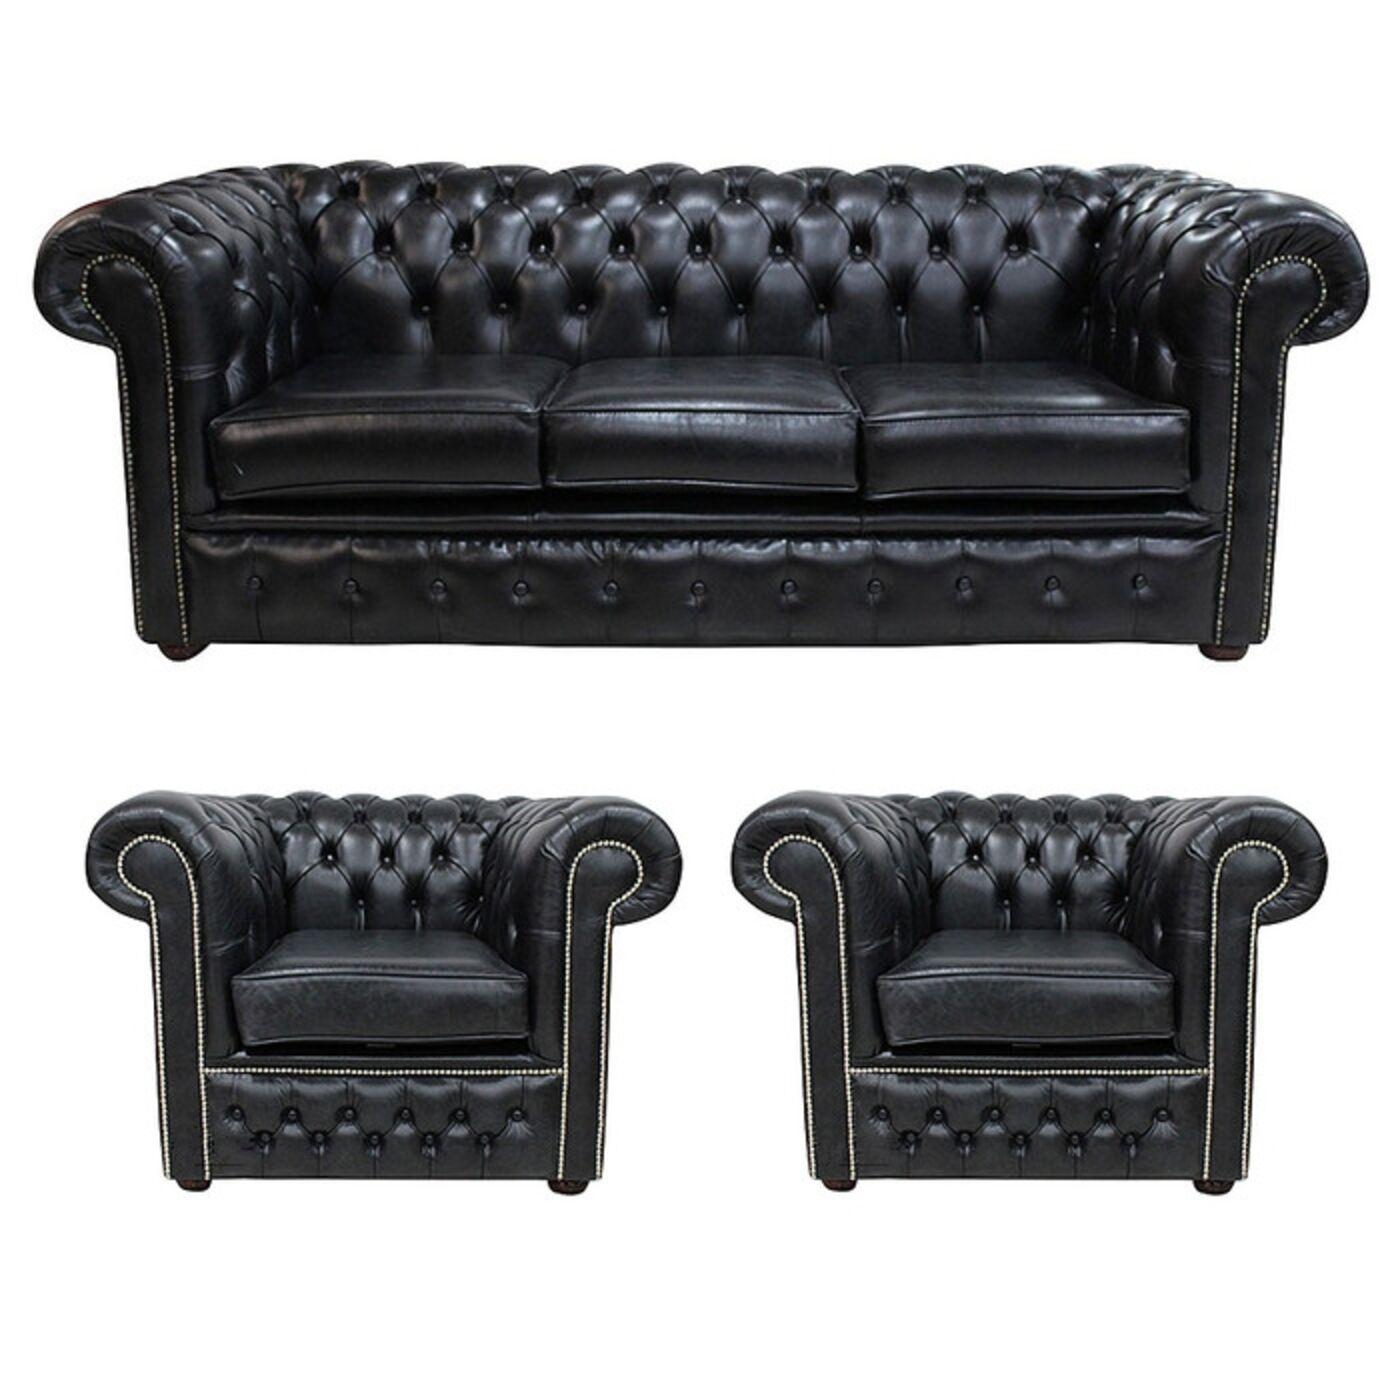 2 Piece Sofa Suites